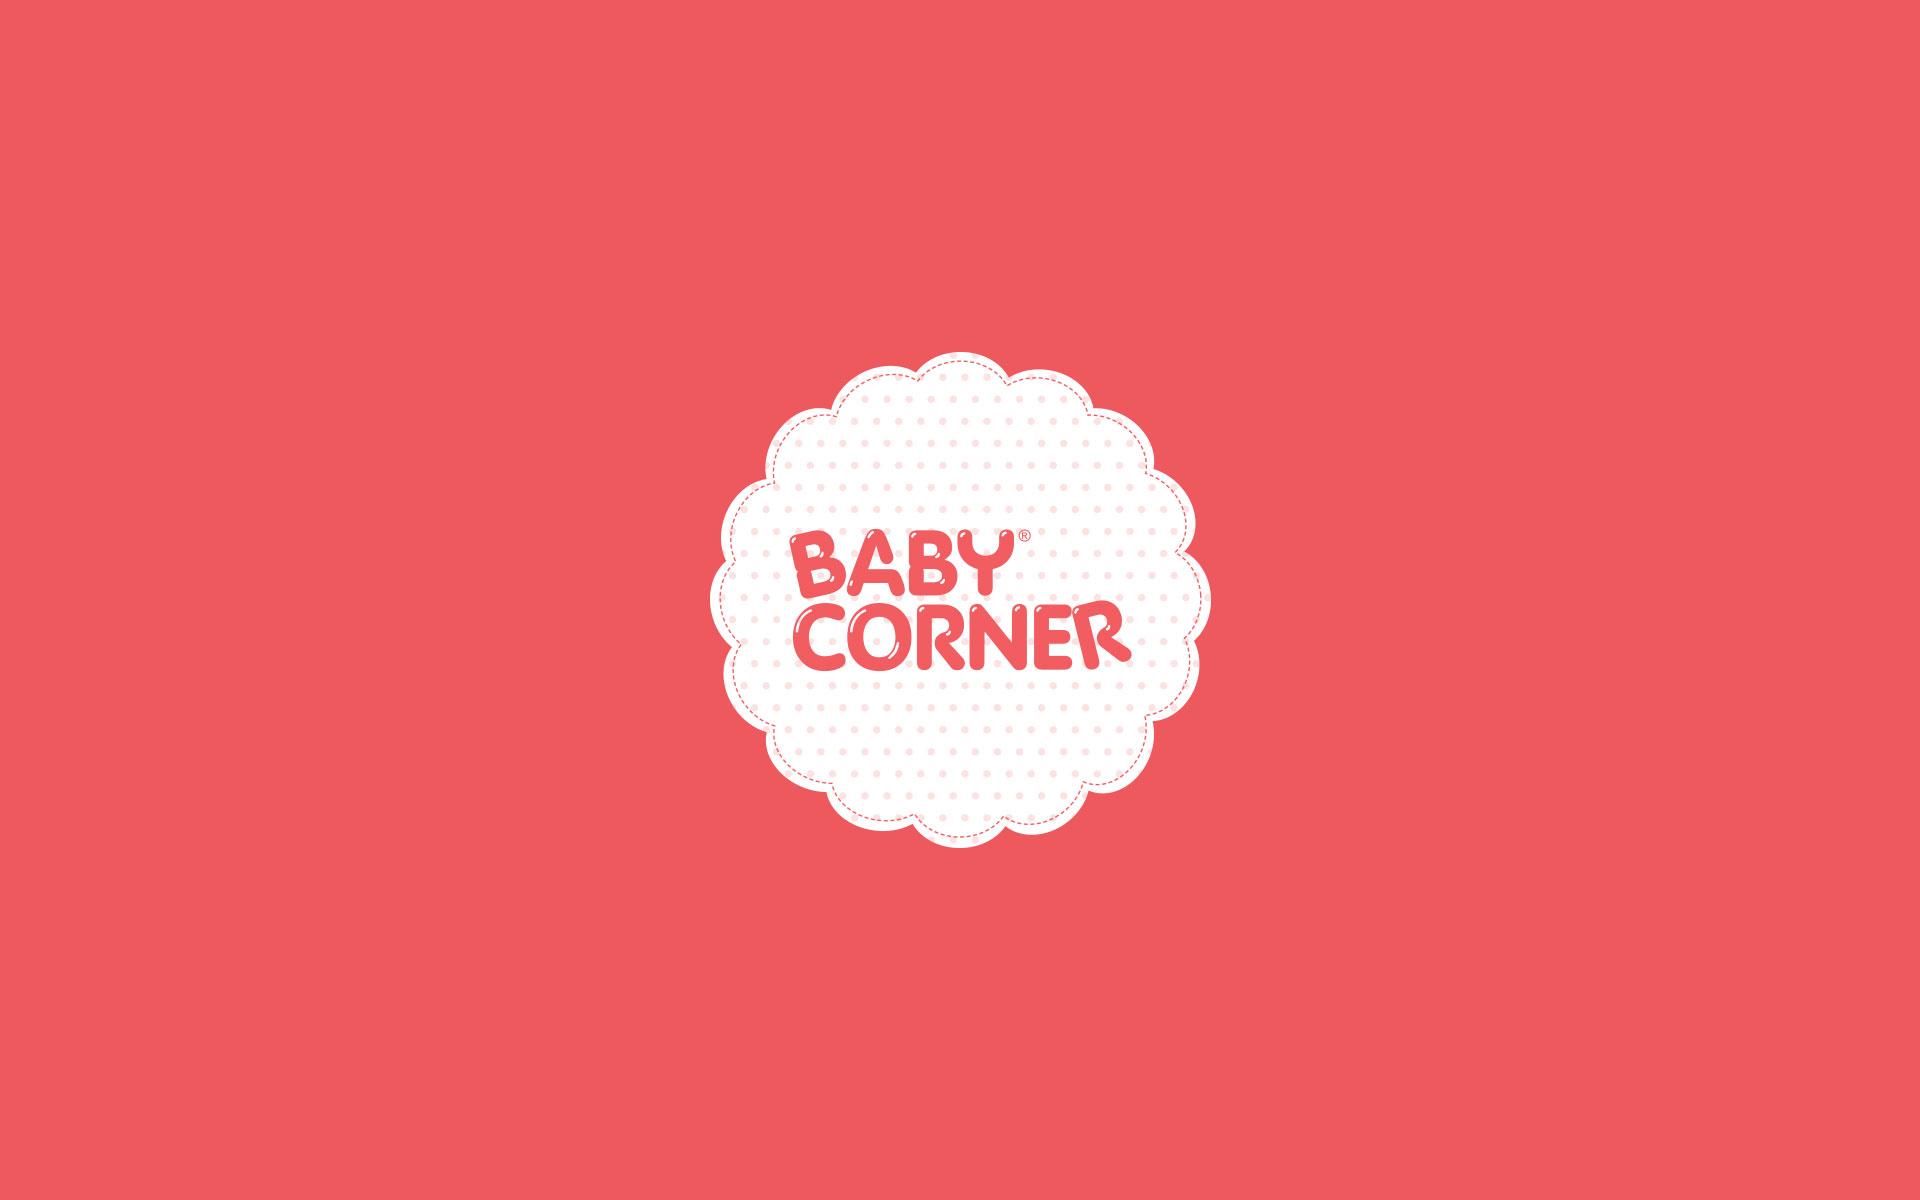 BABY CORNER